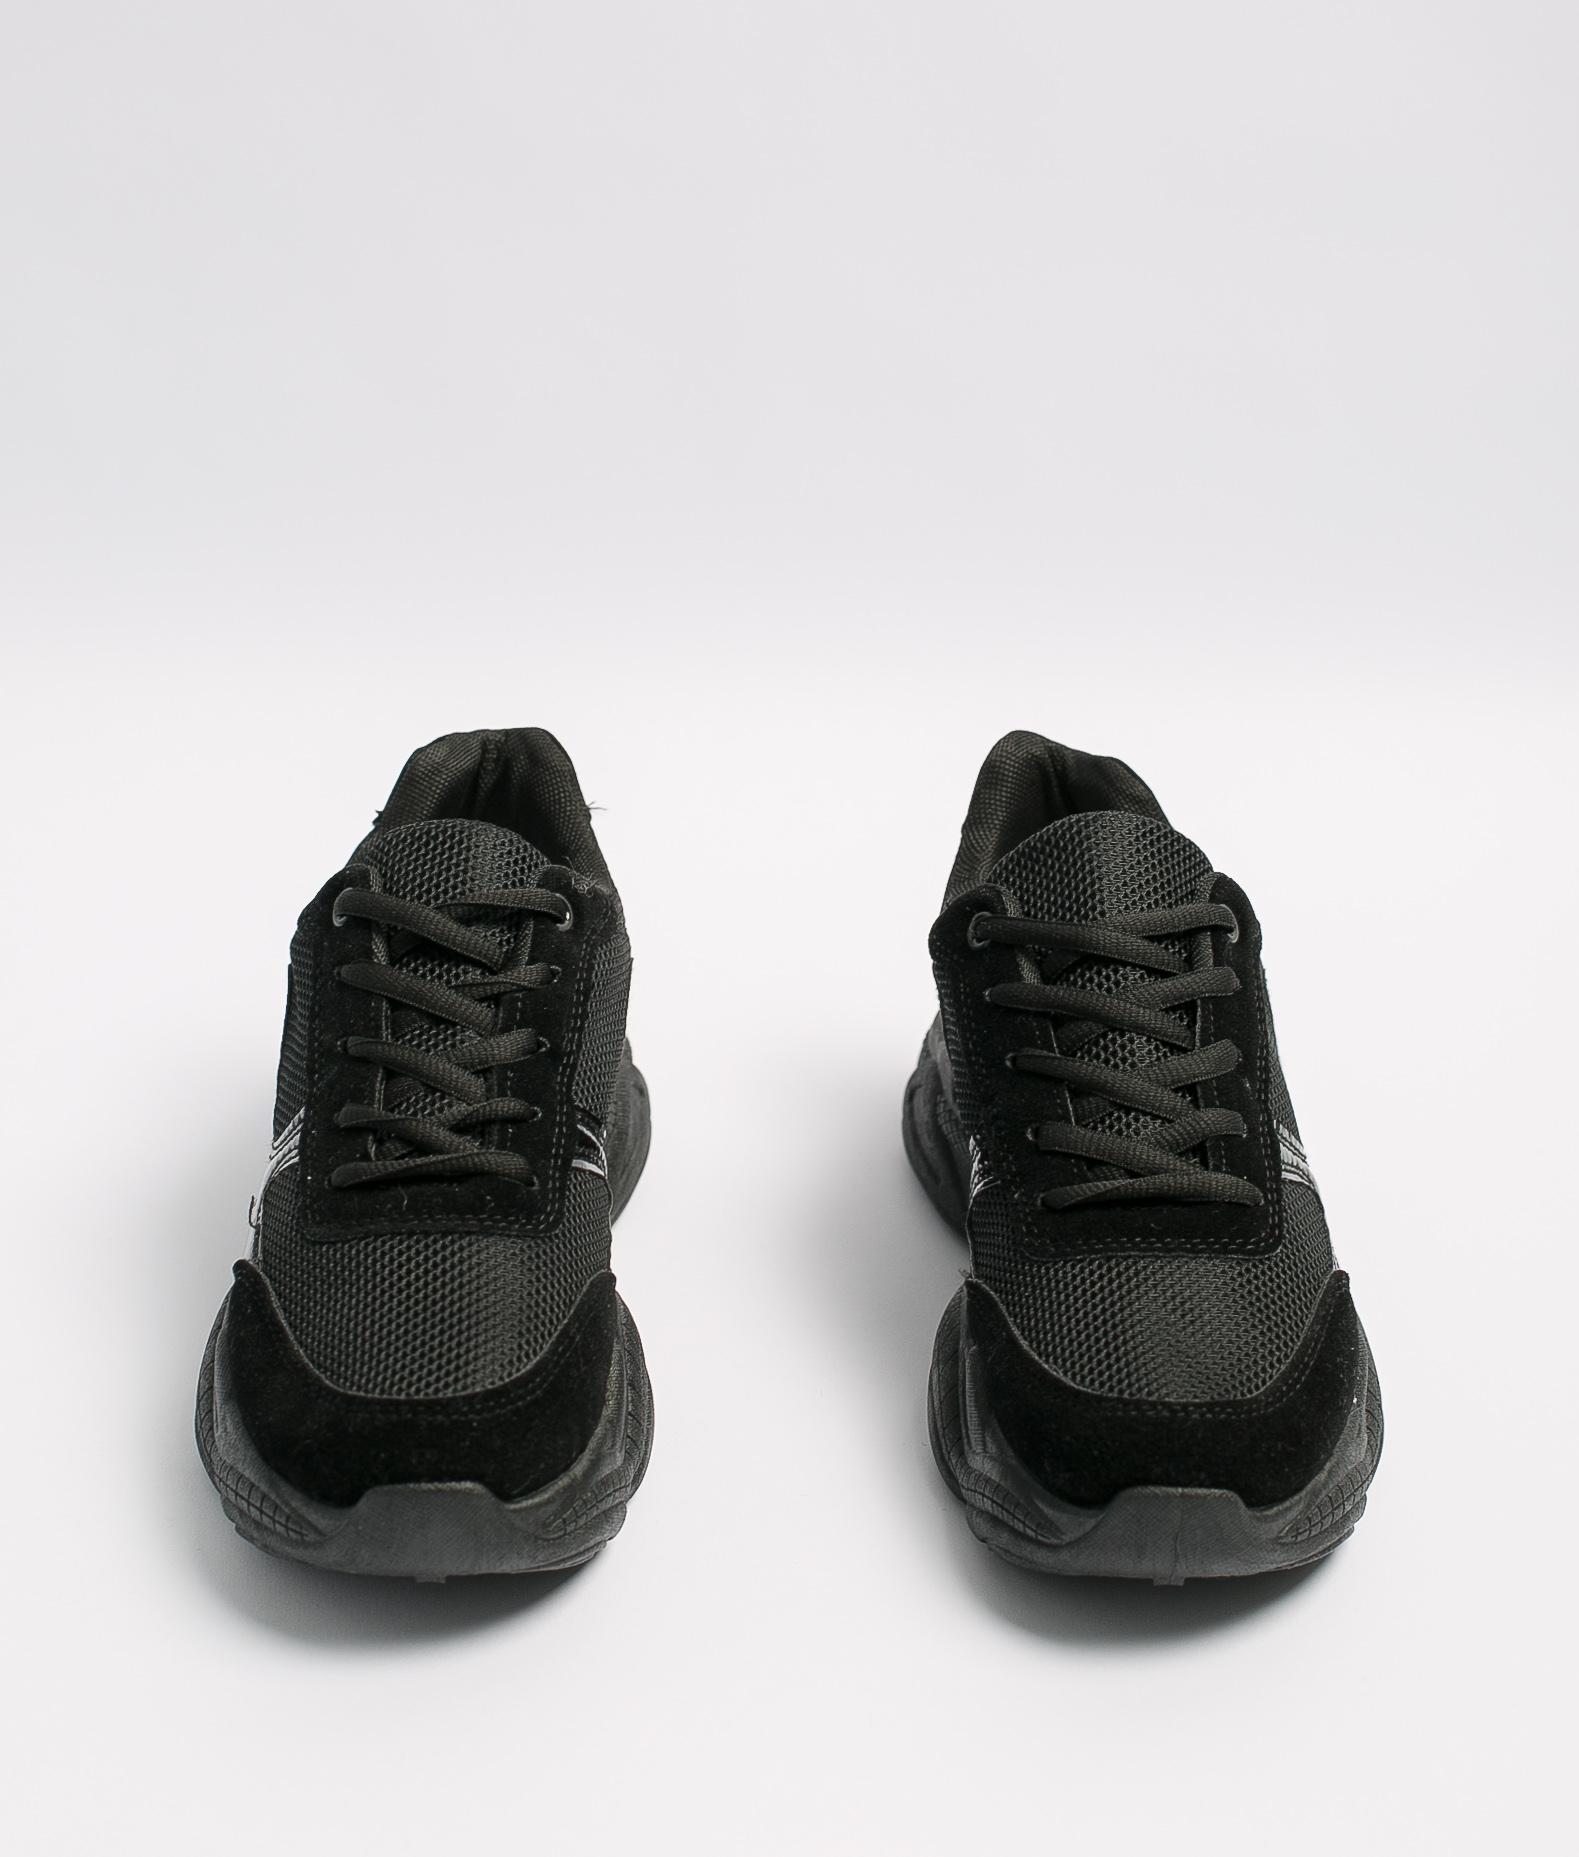 Sneakers Perta - Negro